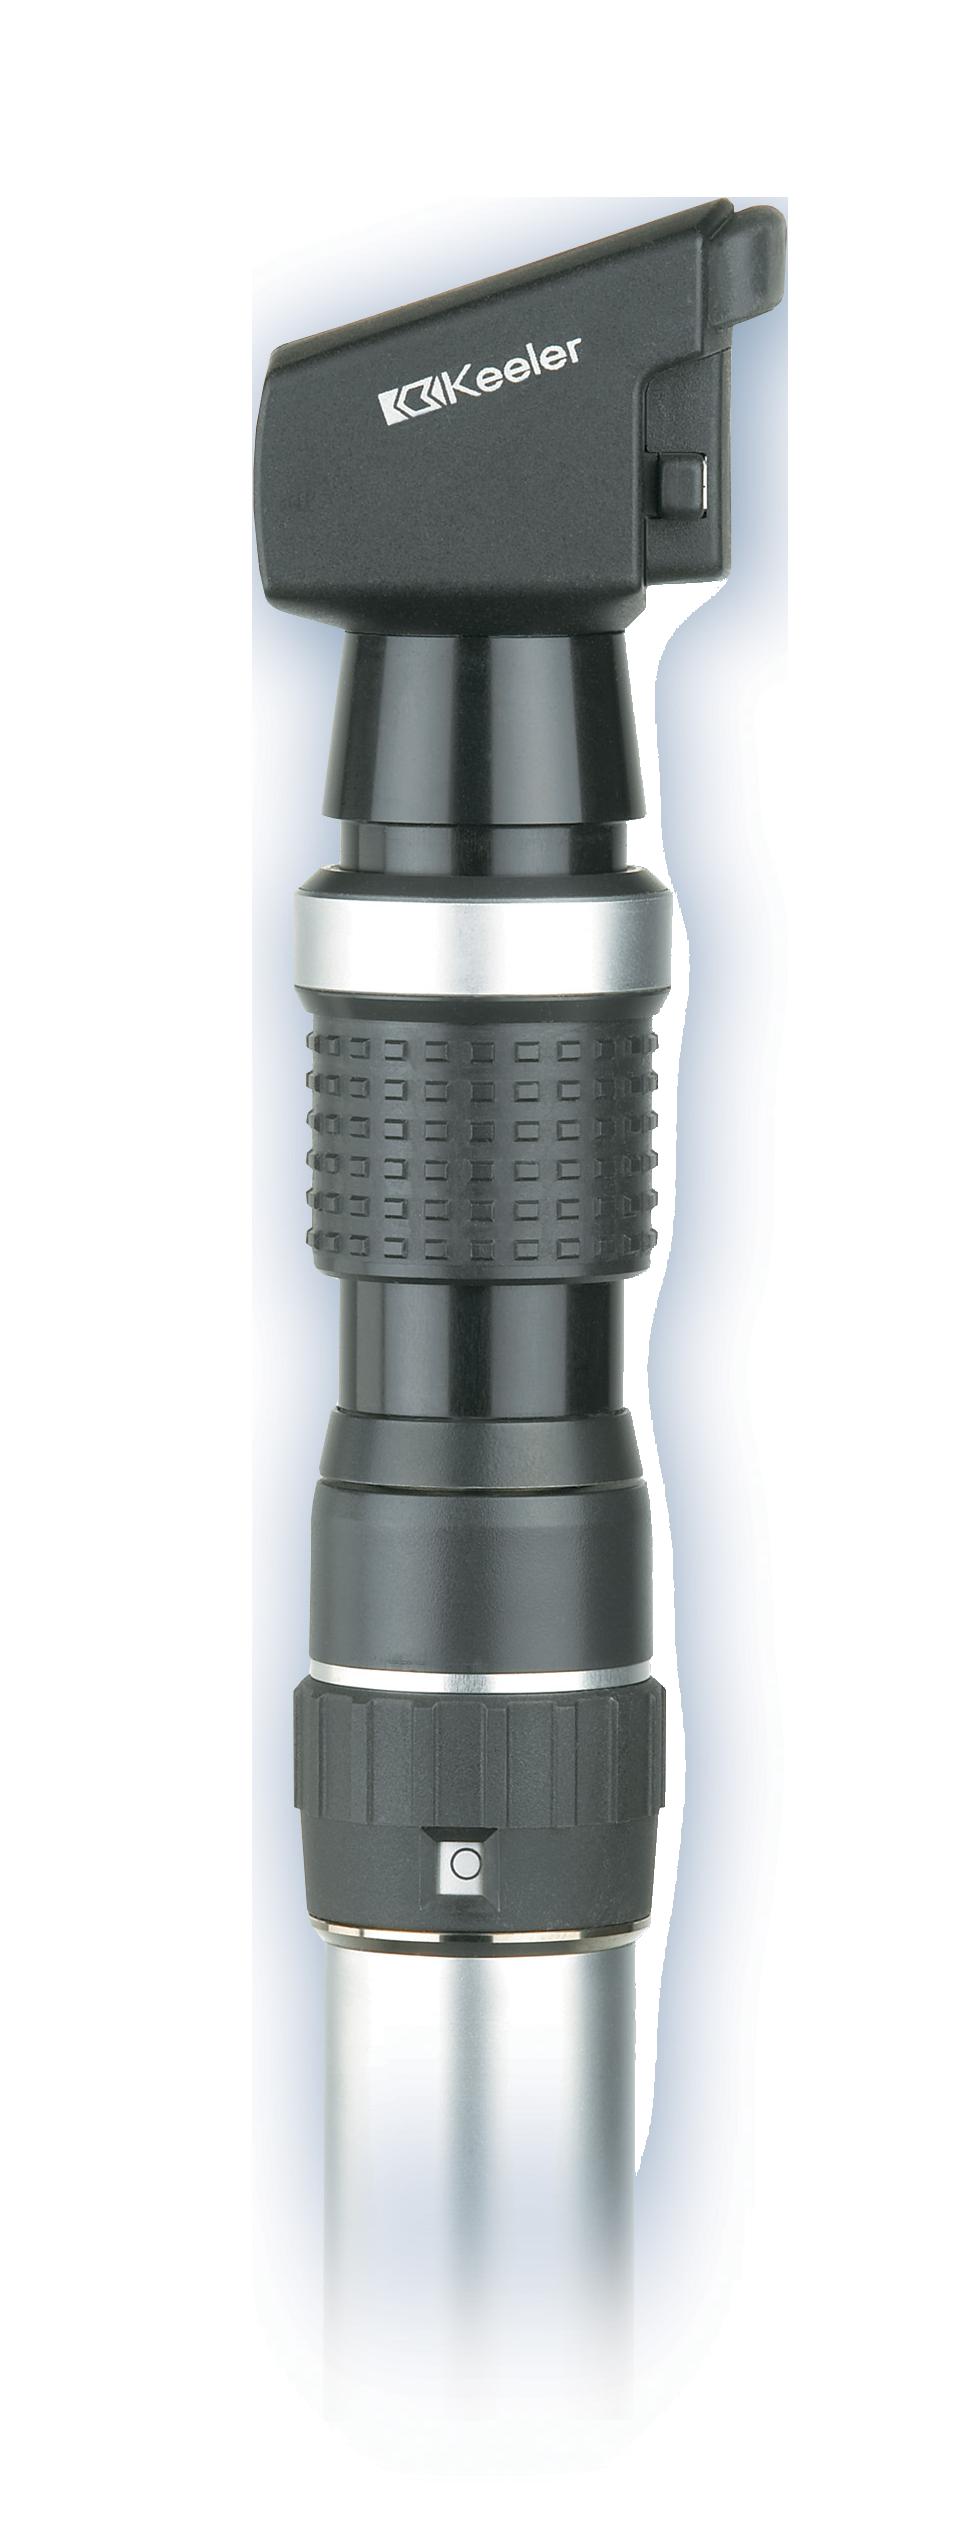 KEELER LED Streak Retinoscope 2.8V